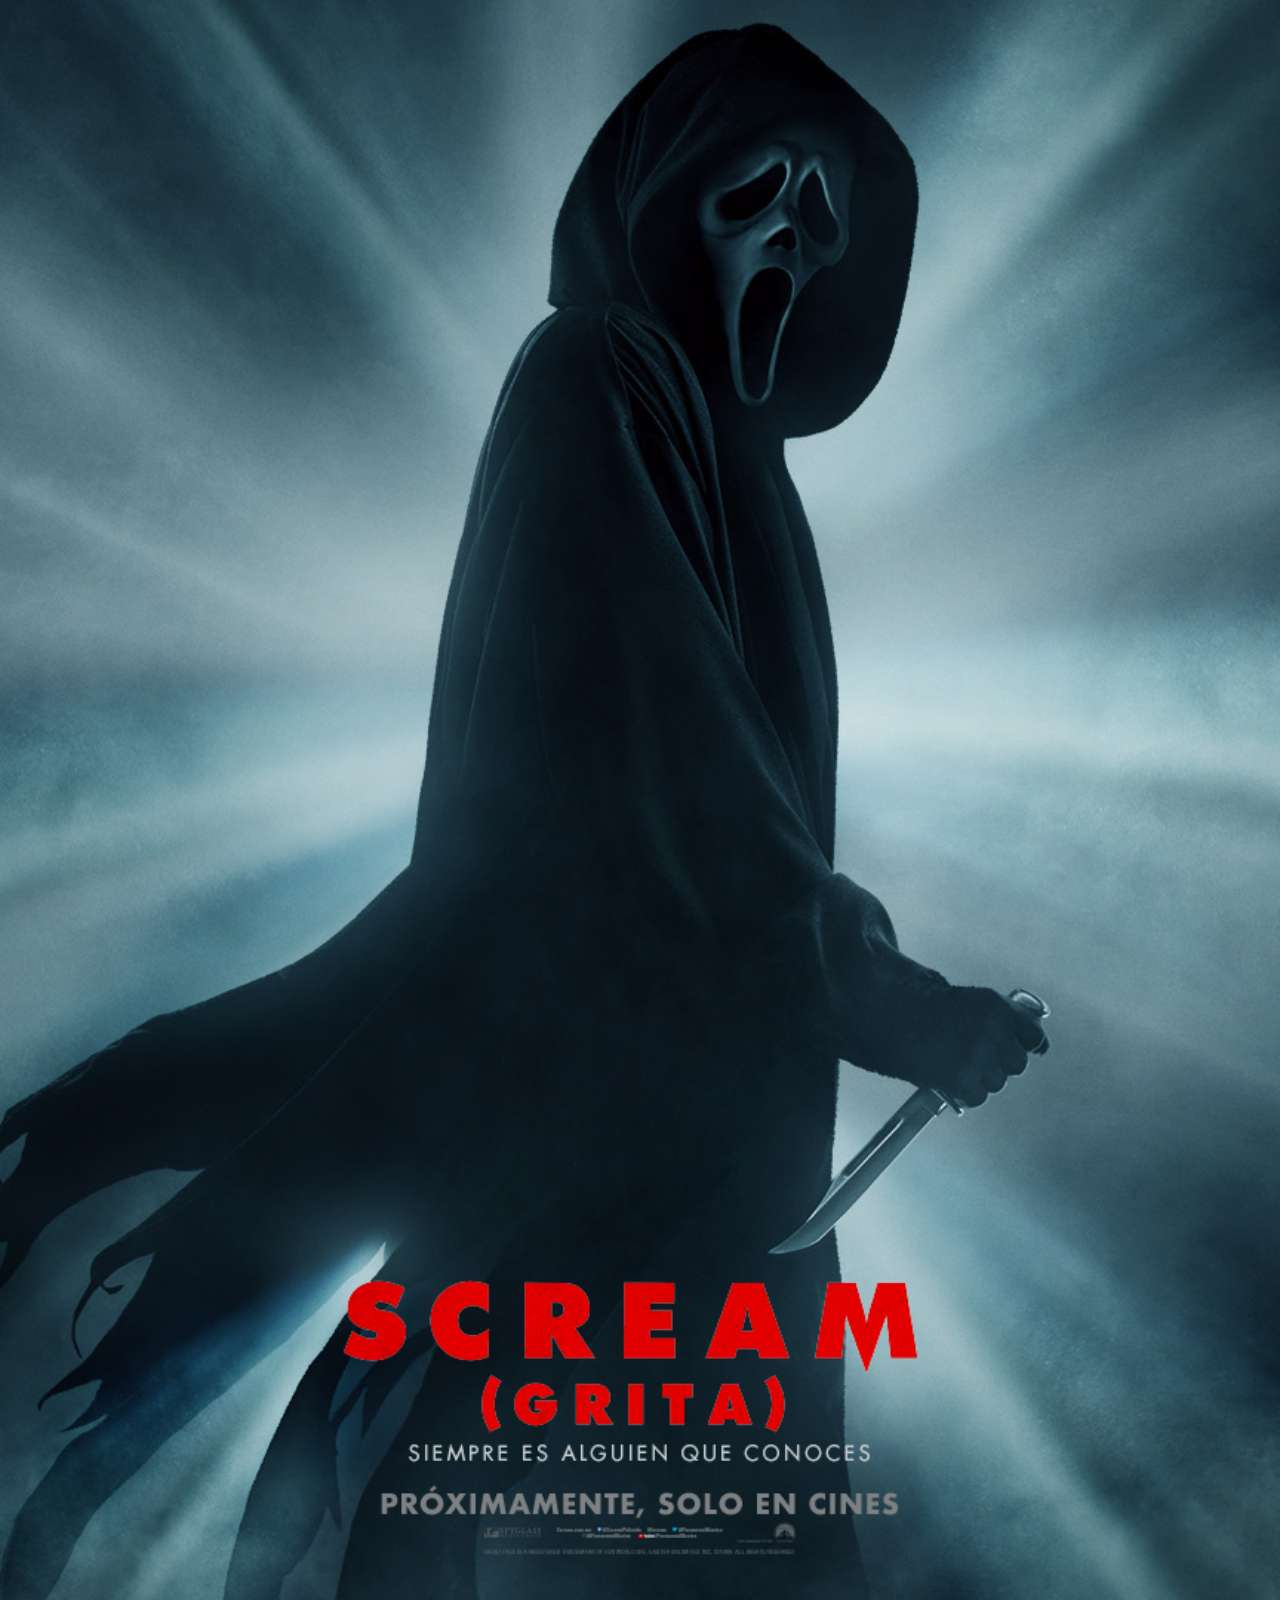 Scream poster tráiler película